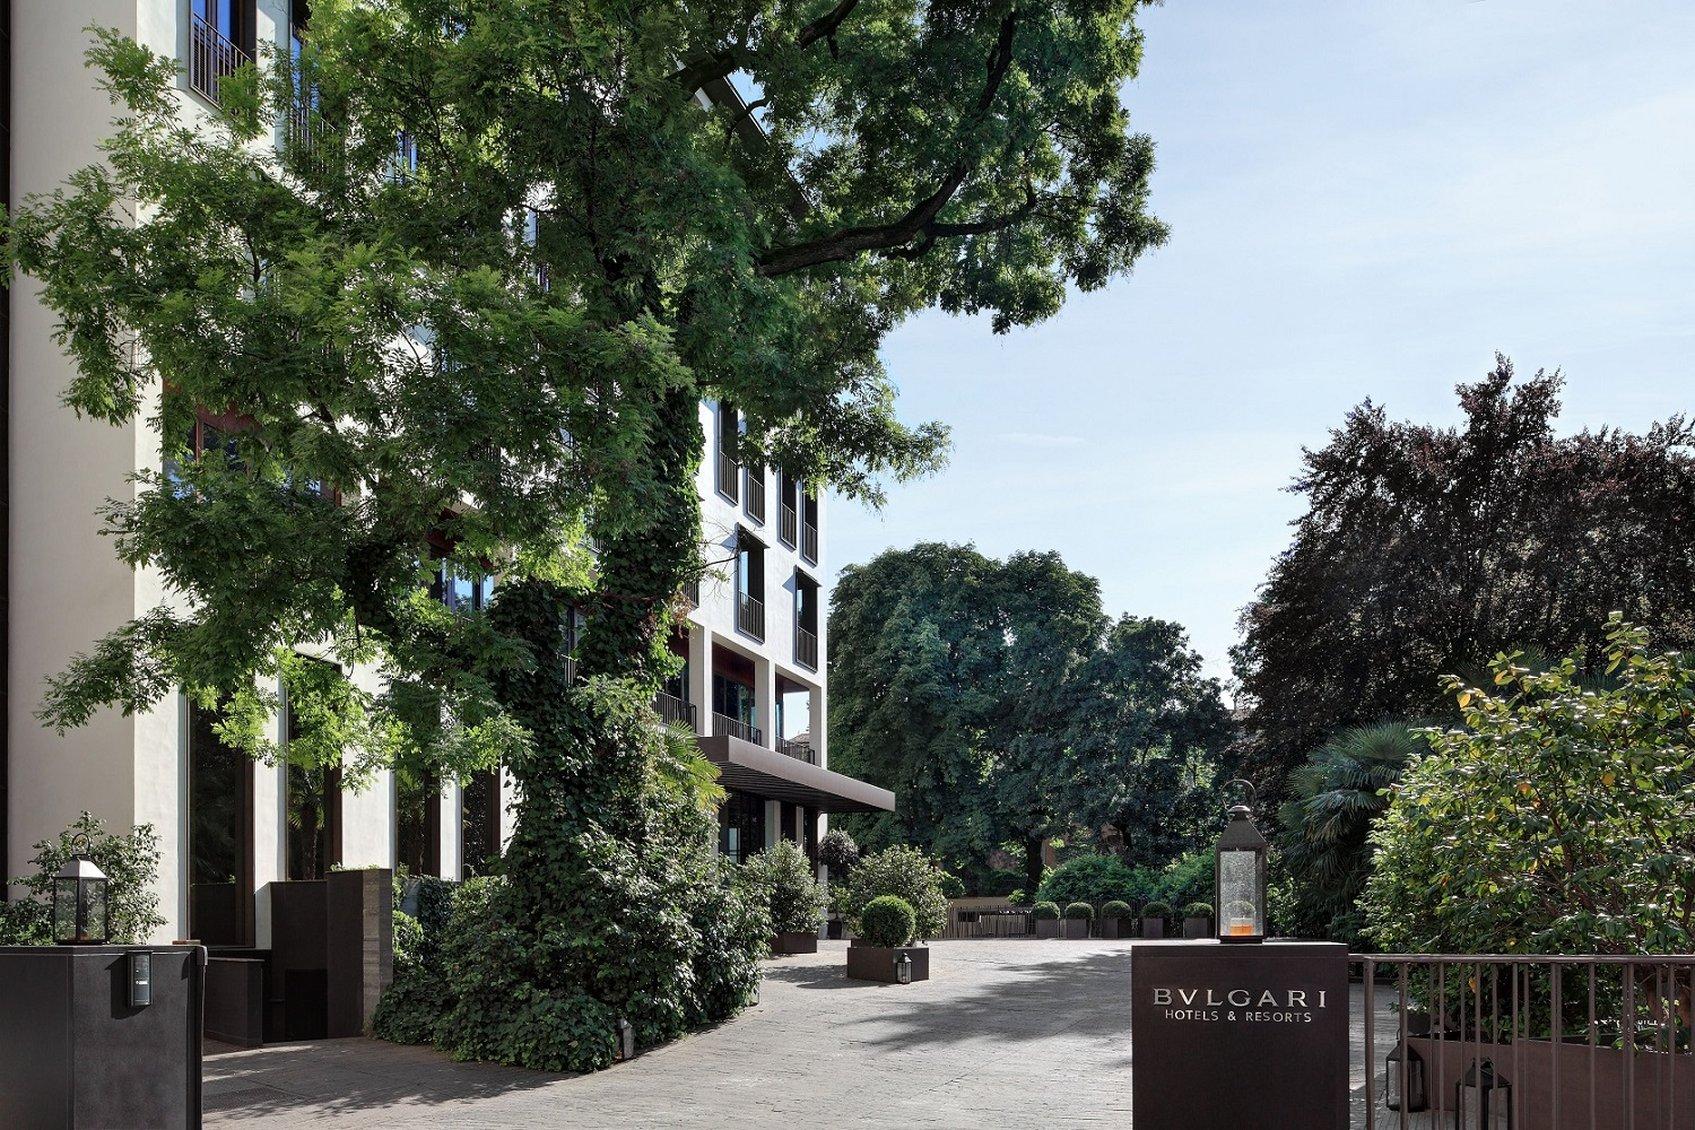 Bvlgari Hotel & Resort Milano